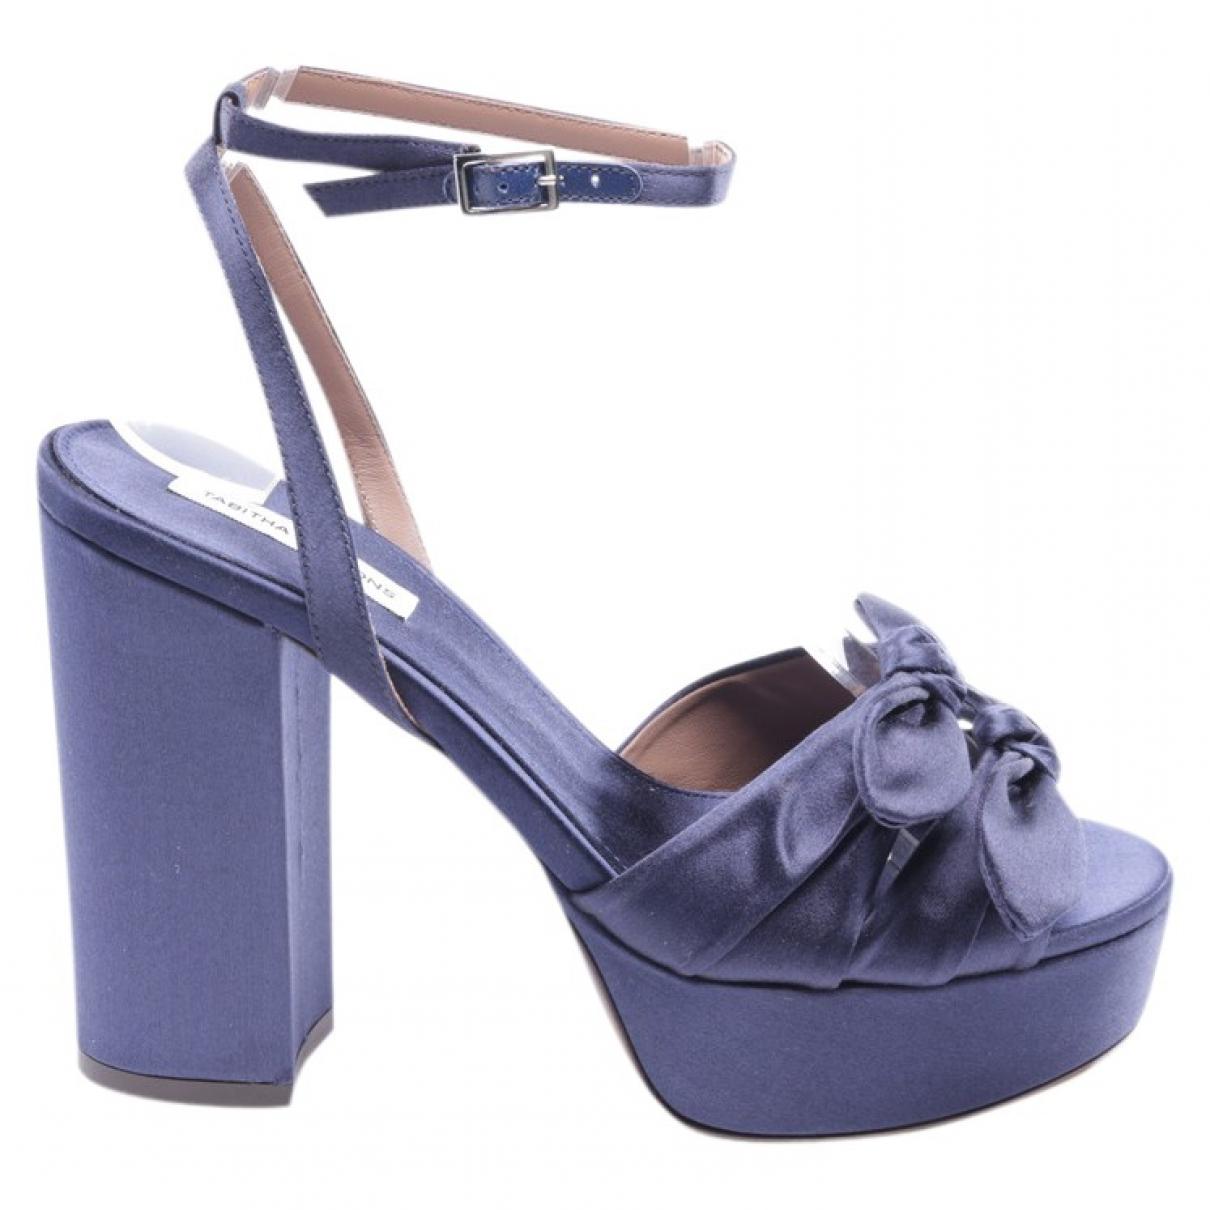 Tabitha Simmons - Sandales   pour femme en toile - bleu